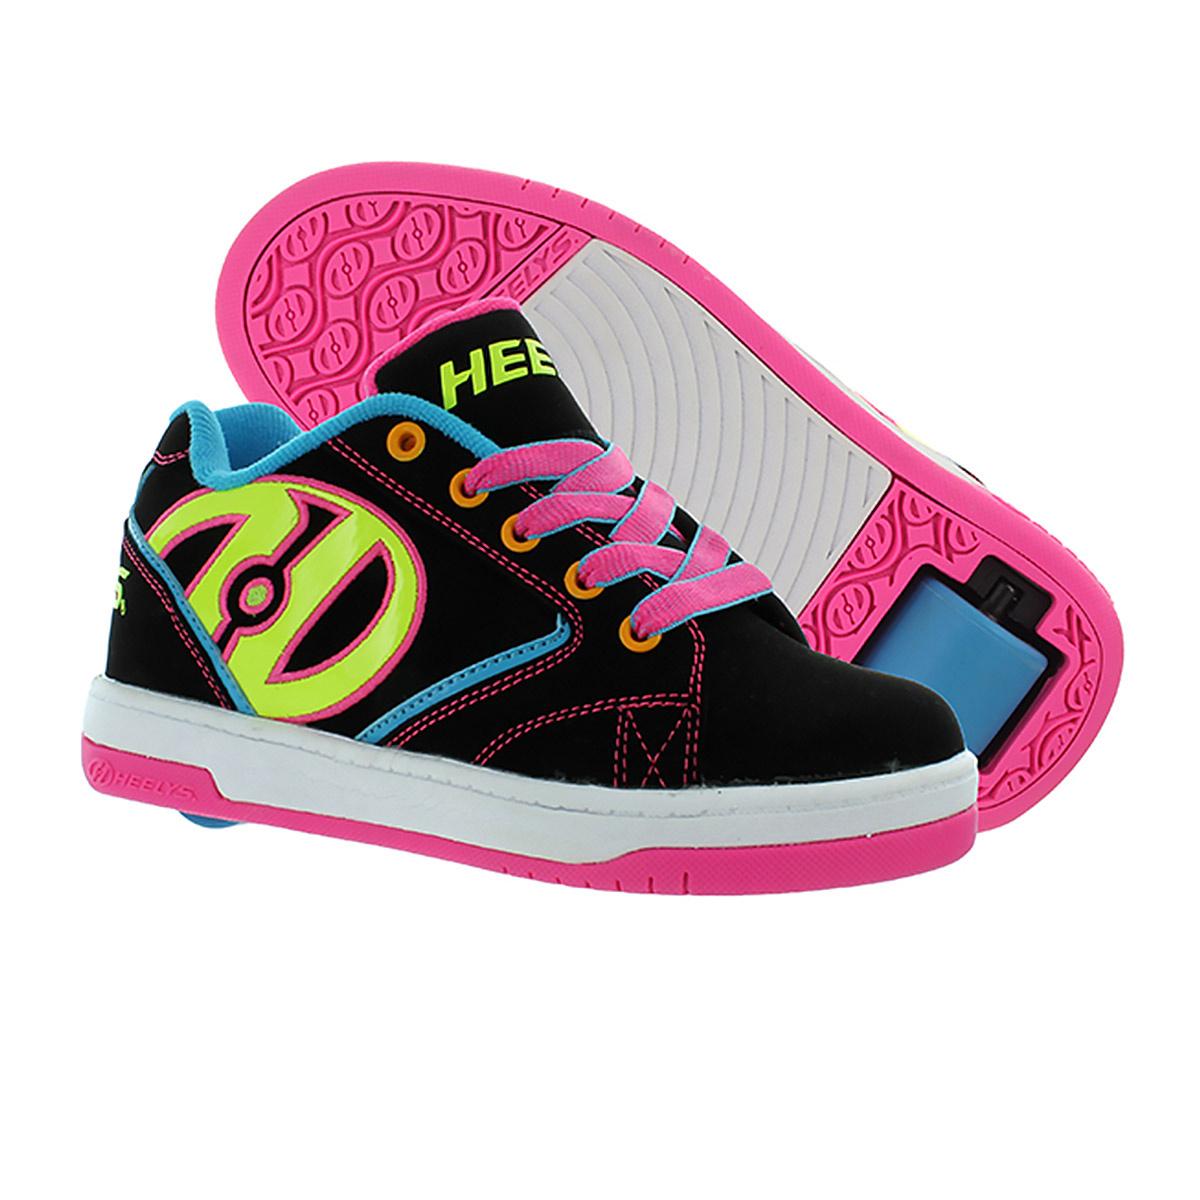 19d12fa8 Кроссовки Heelys — купить в интернет-магазине OZON с быстрой доставкой